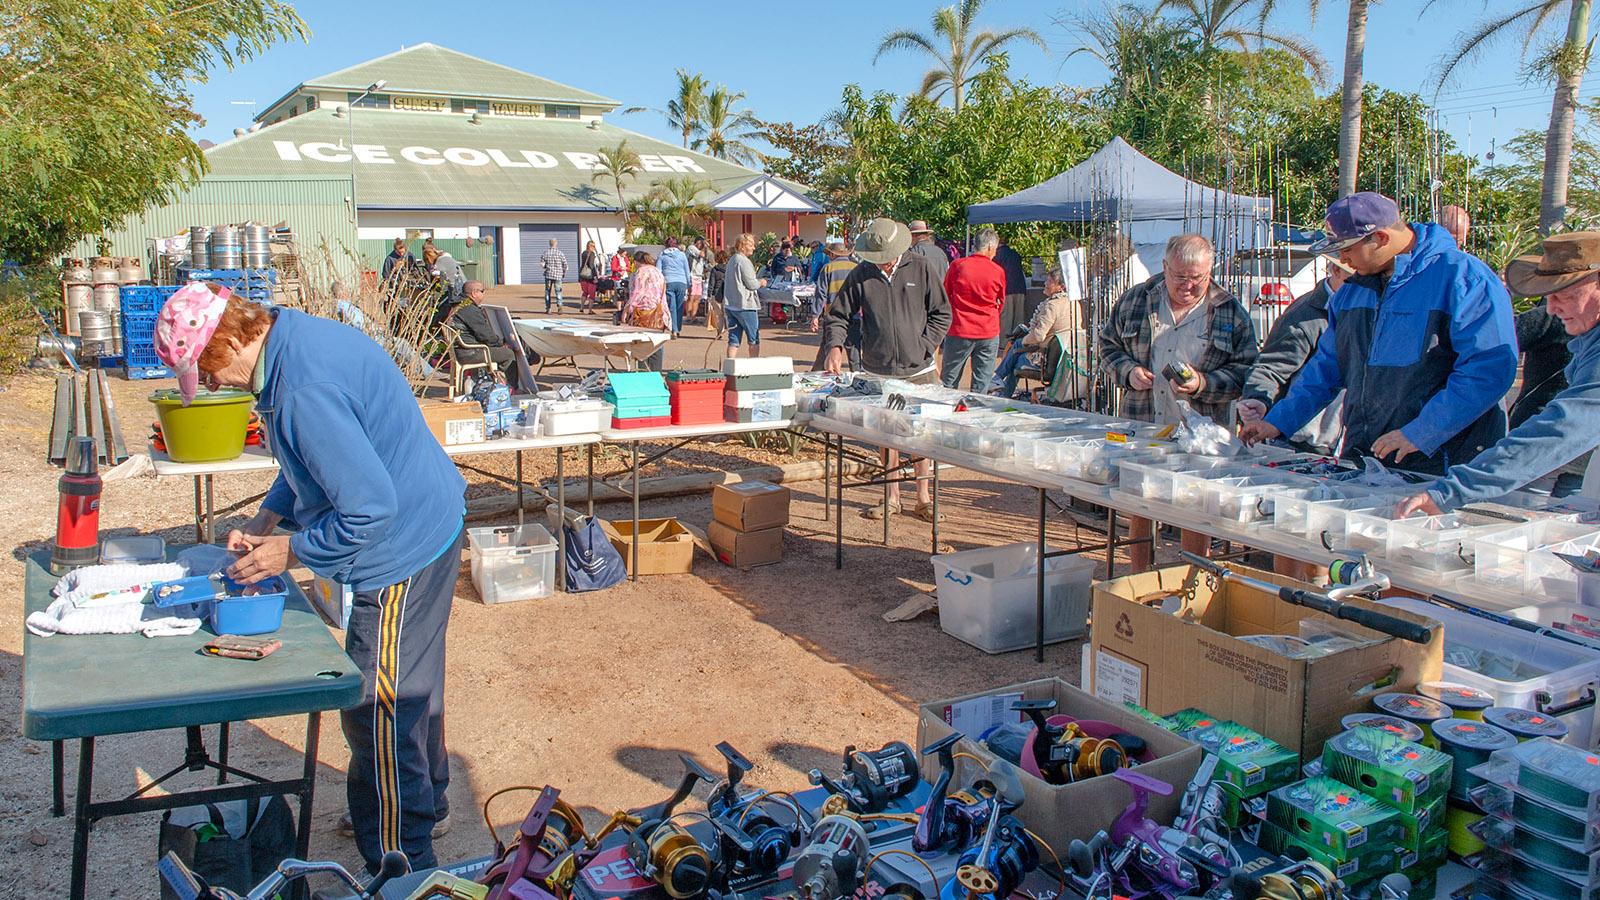 Erst bummeln, dann ein Bier: Der Sonntagsmarkt von Karumba lockt Besucher zur Sunset Tavern. Foto: Hilke Maunder